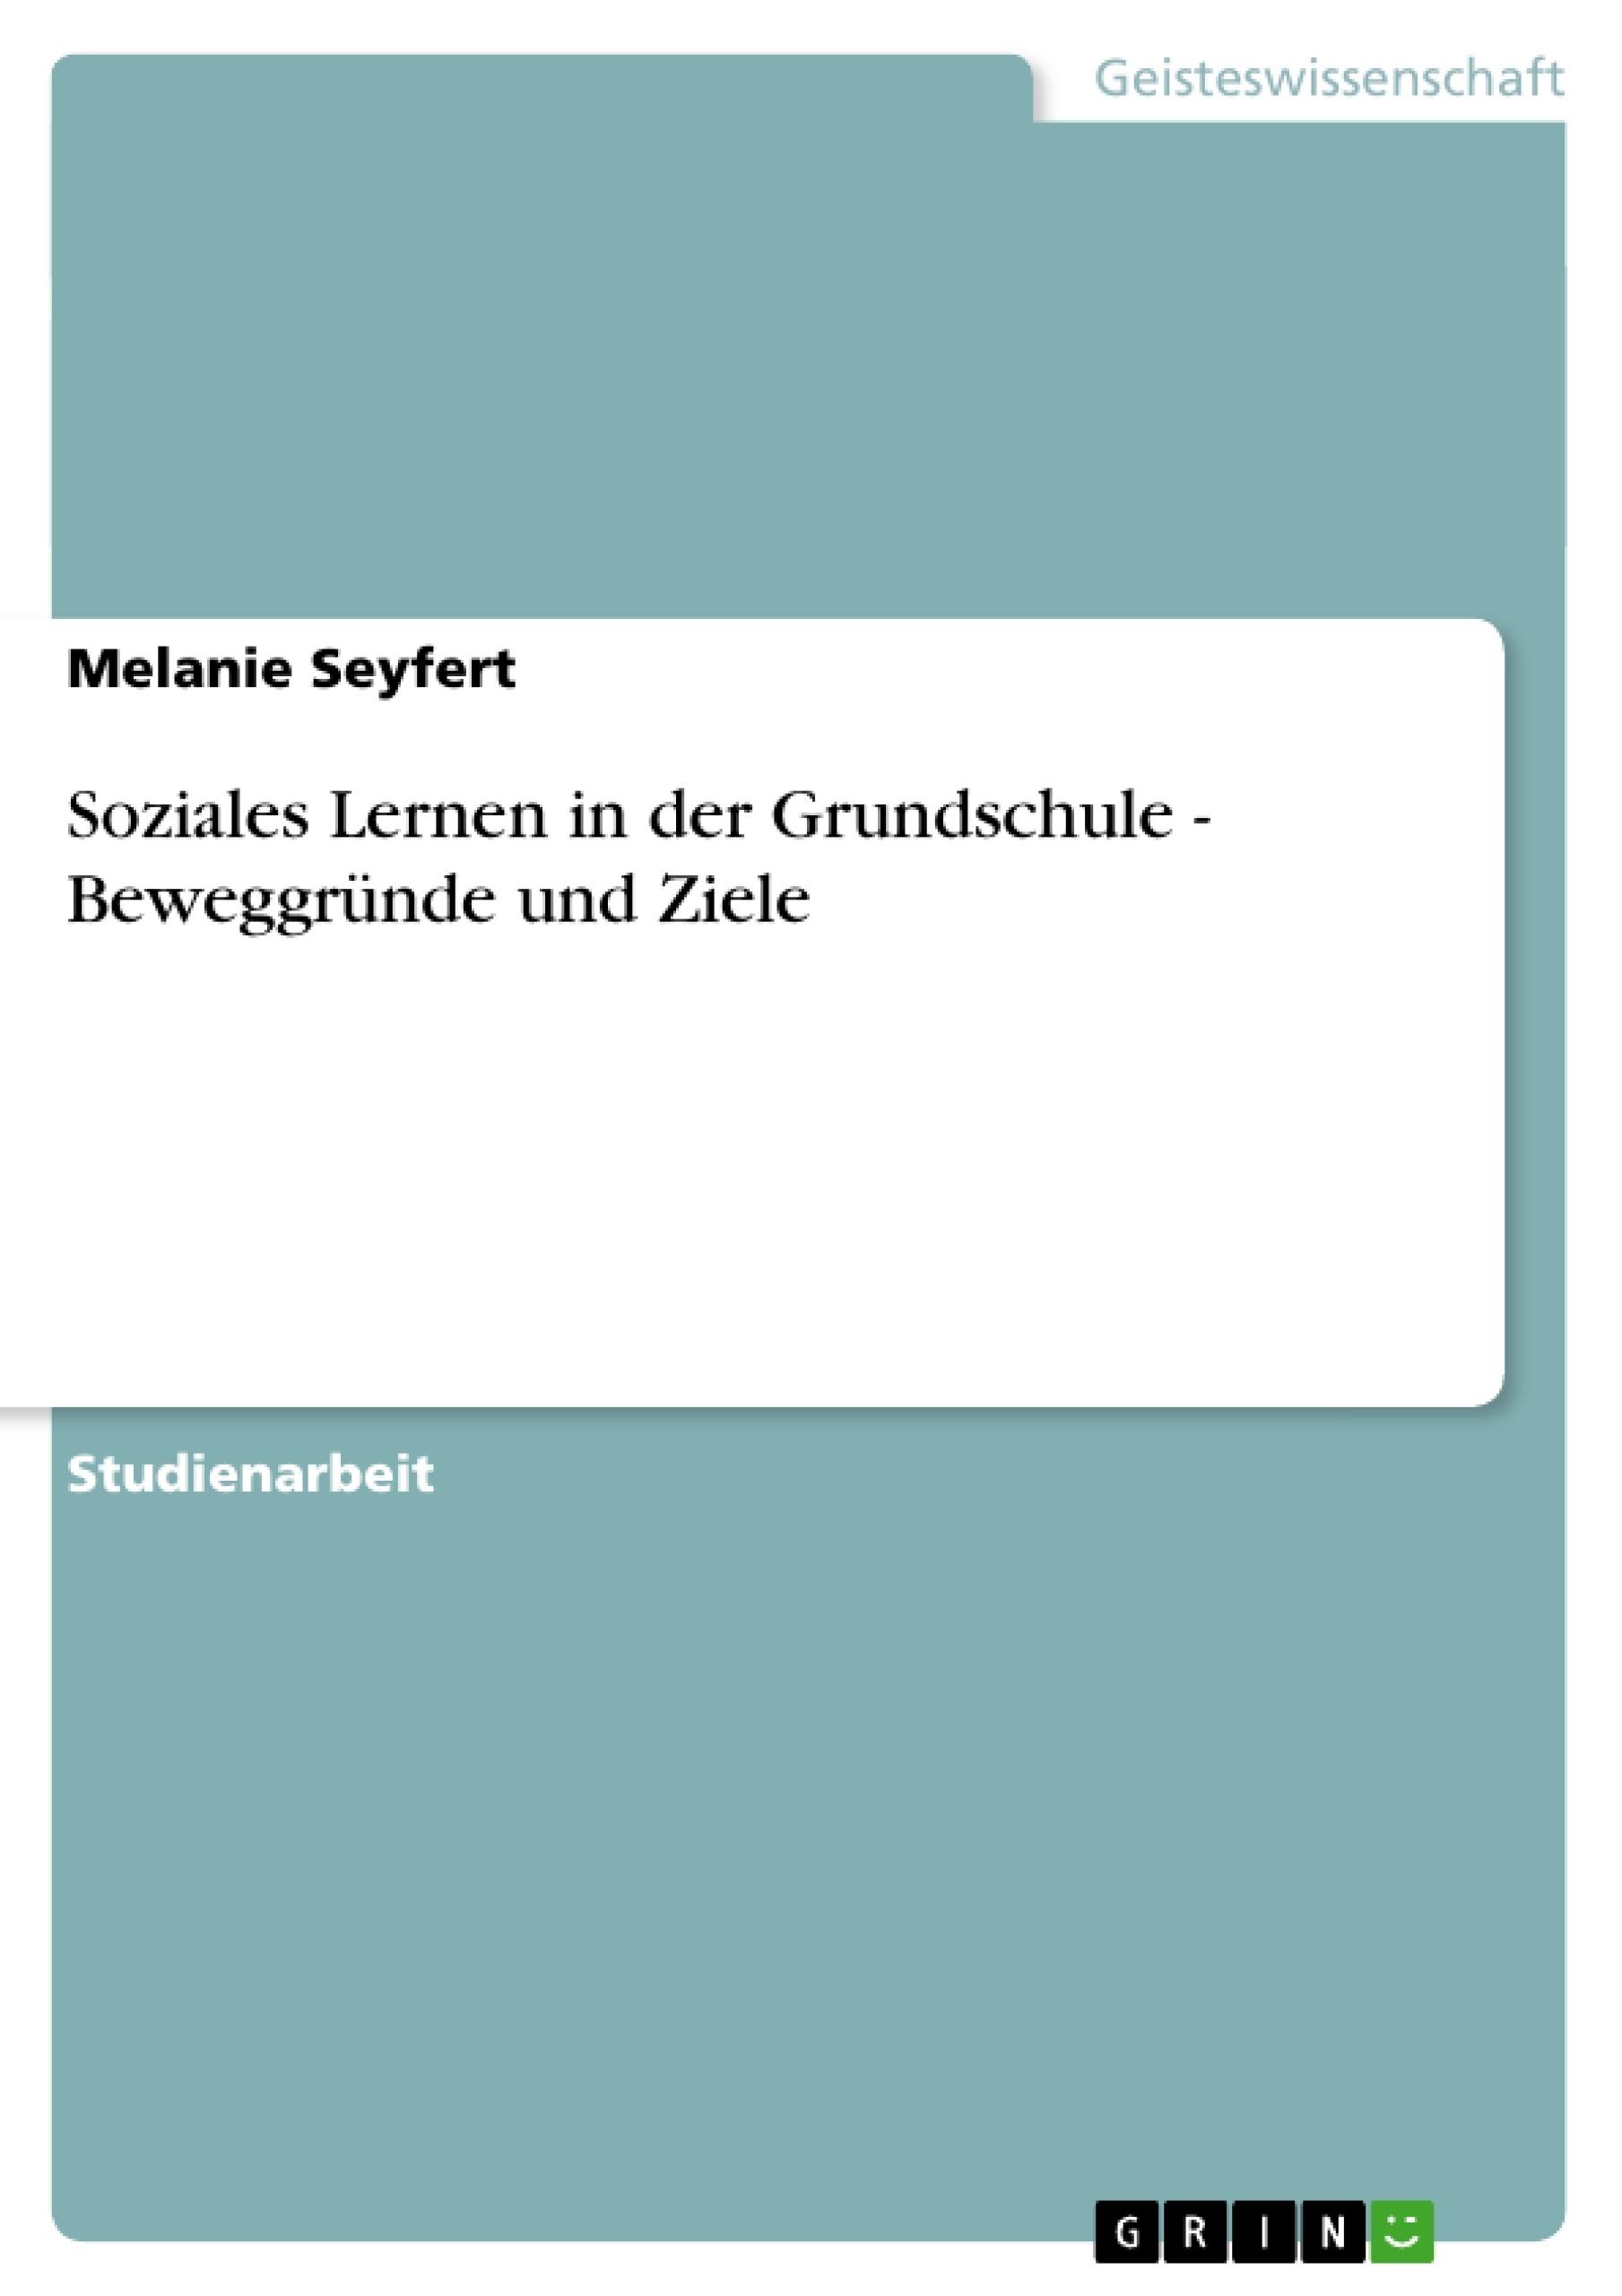 Titel: Soziales Lernen in der Grundschule - Beweggründe und Ziele